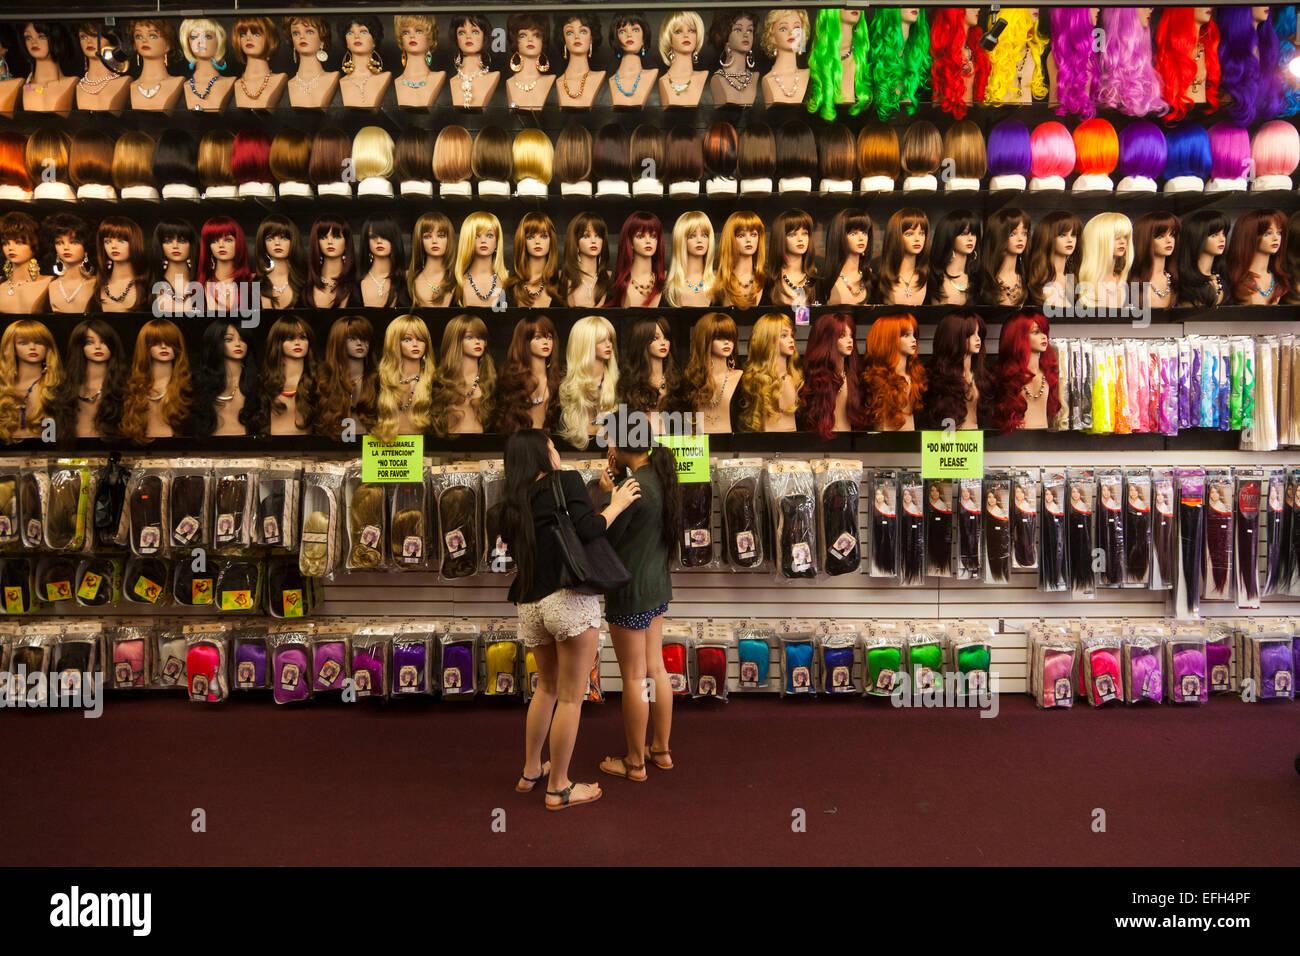 Perruques, Santee Alley, LA Fashion District, Los Angeles, Californie, États-Unis d'Amérique Photo Stock